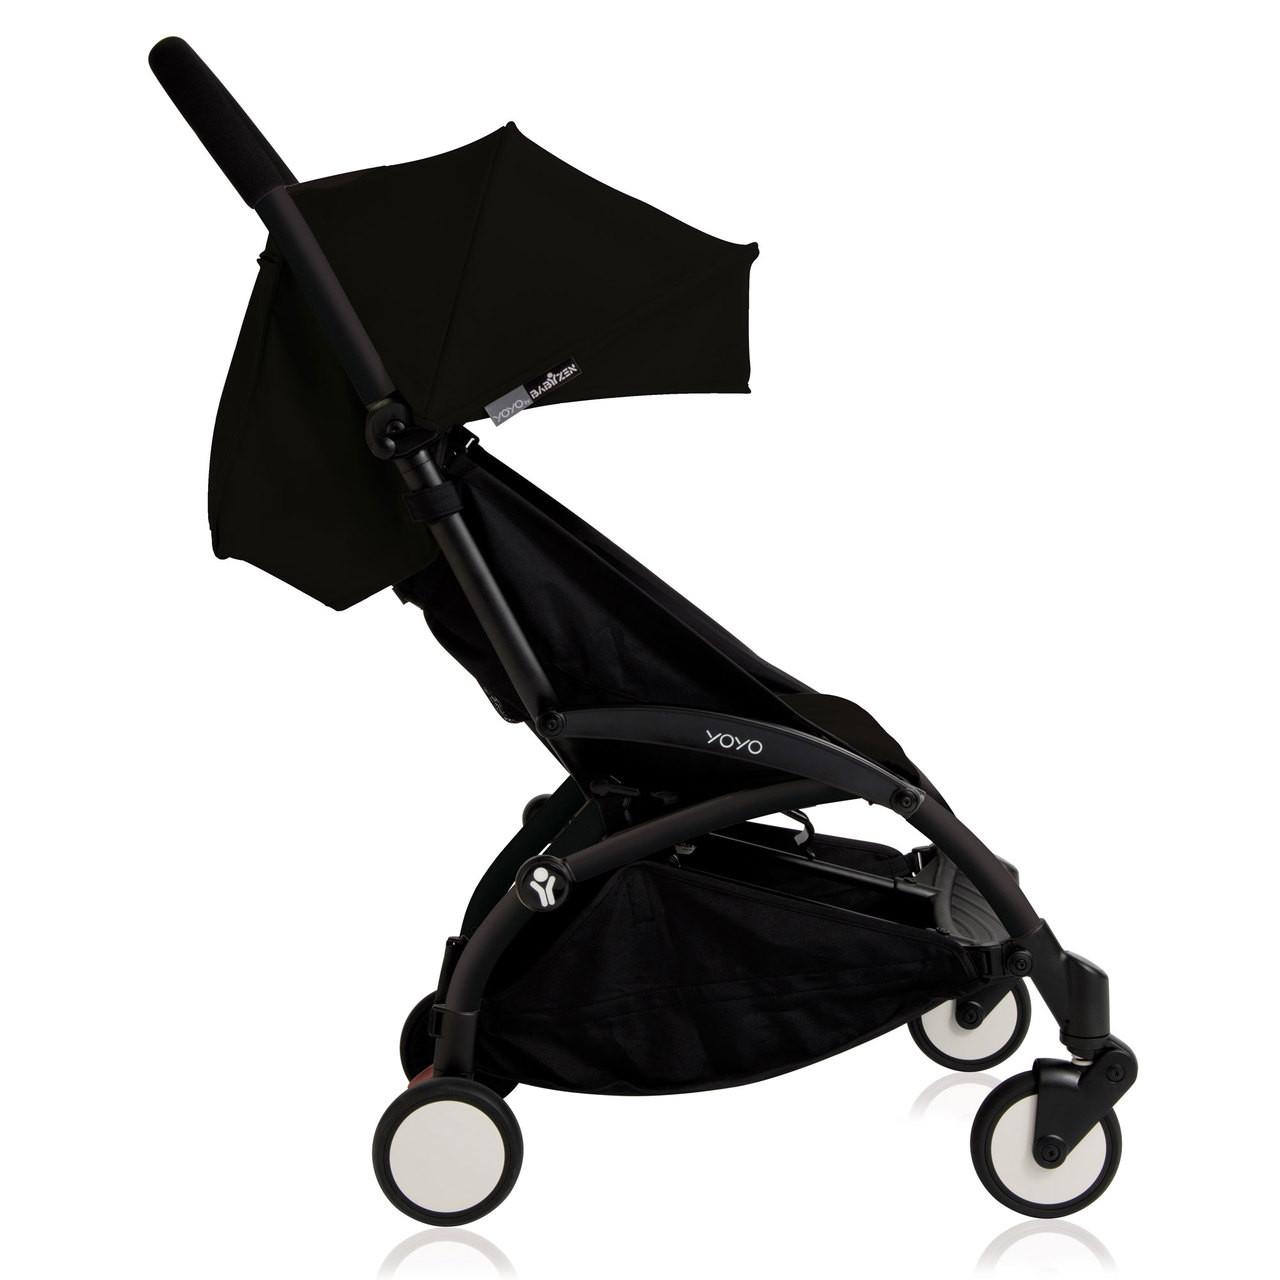 NEW BabyZen Yoyo Plus Lightweight Travel Toddler Stroller ...